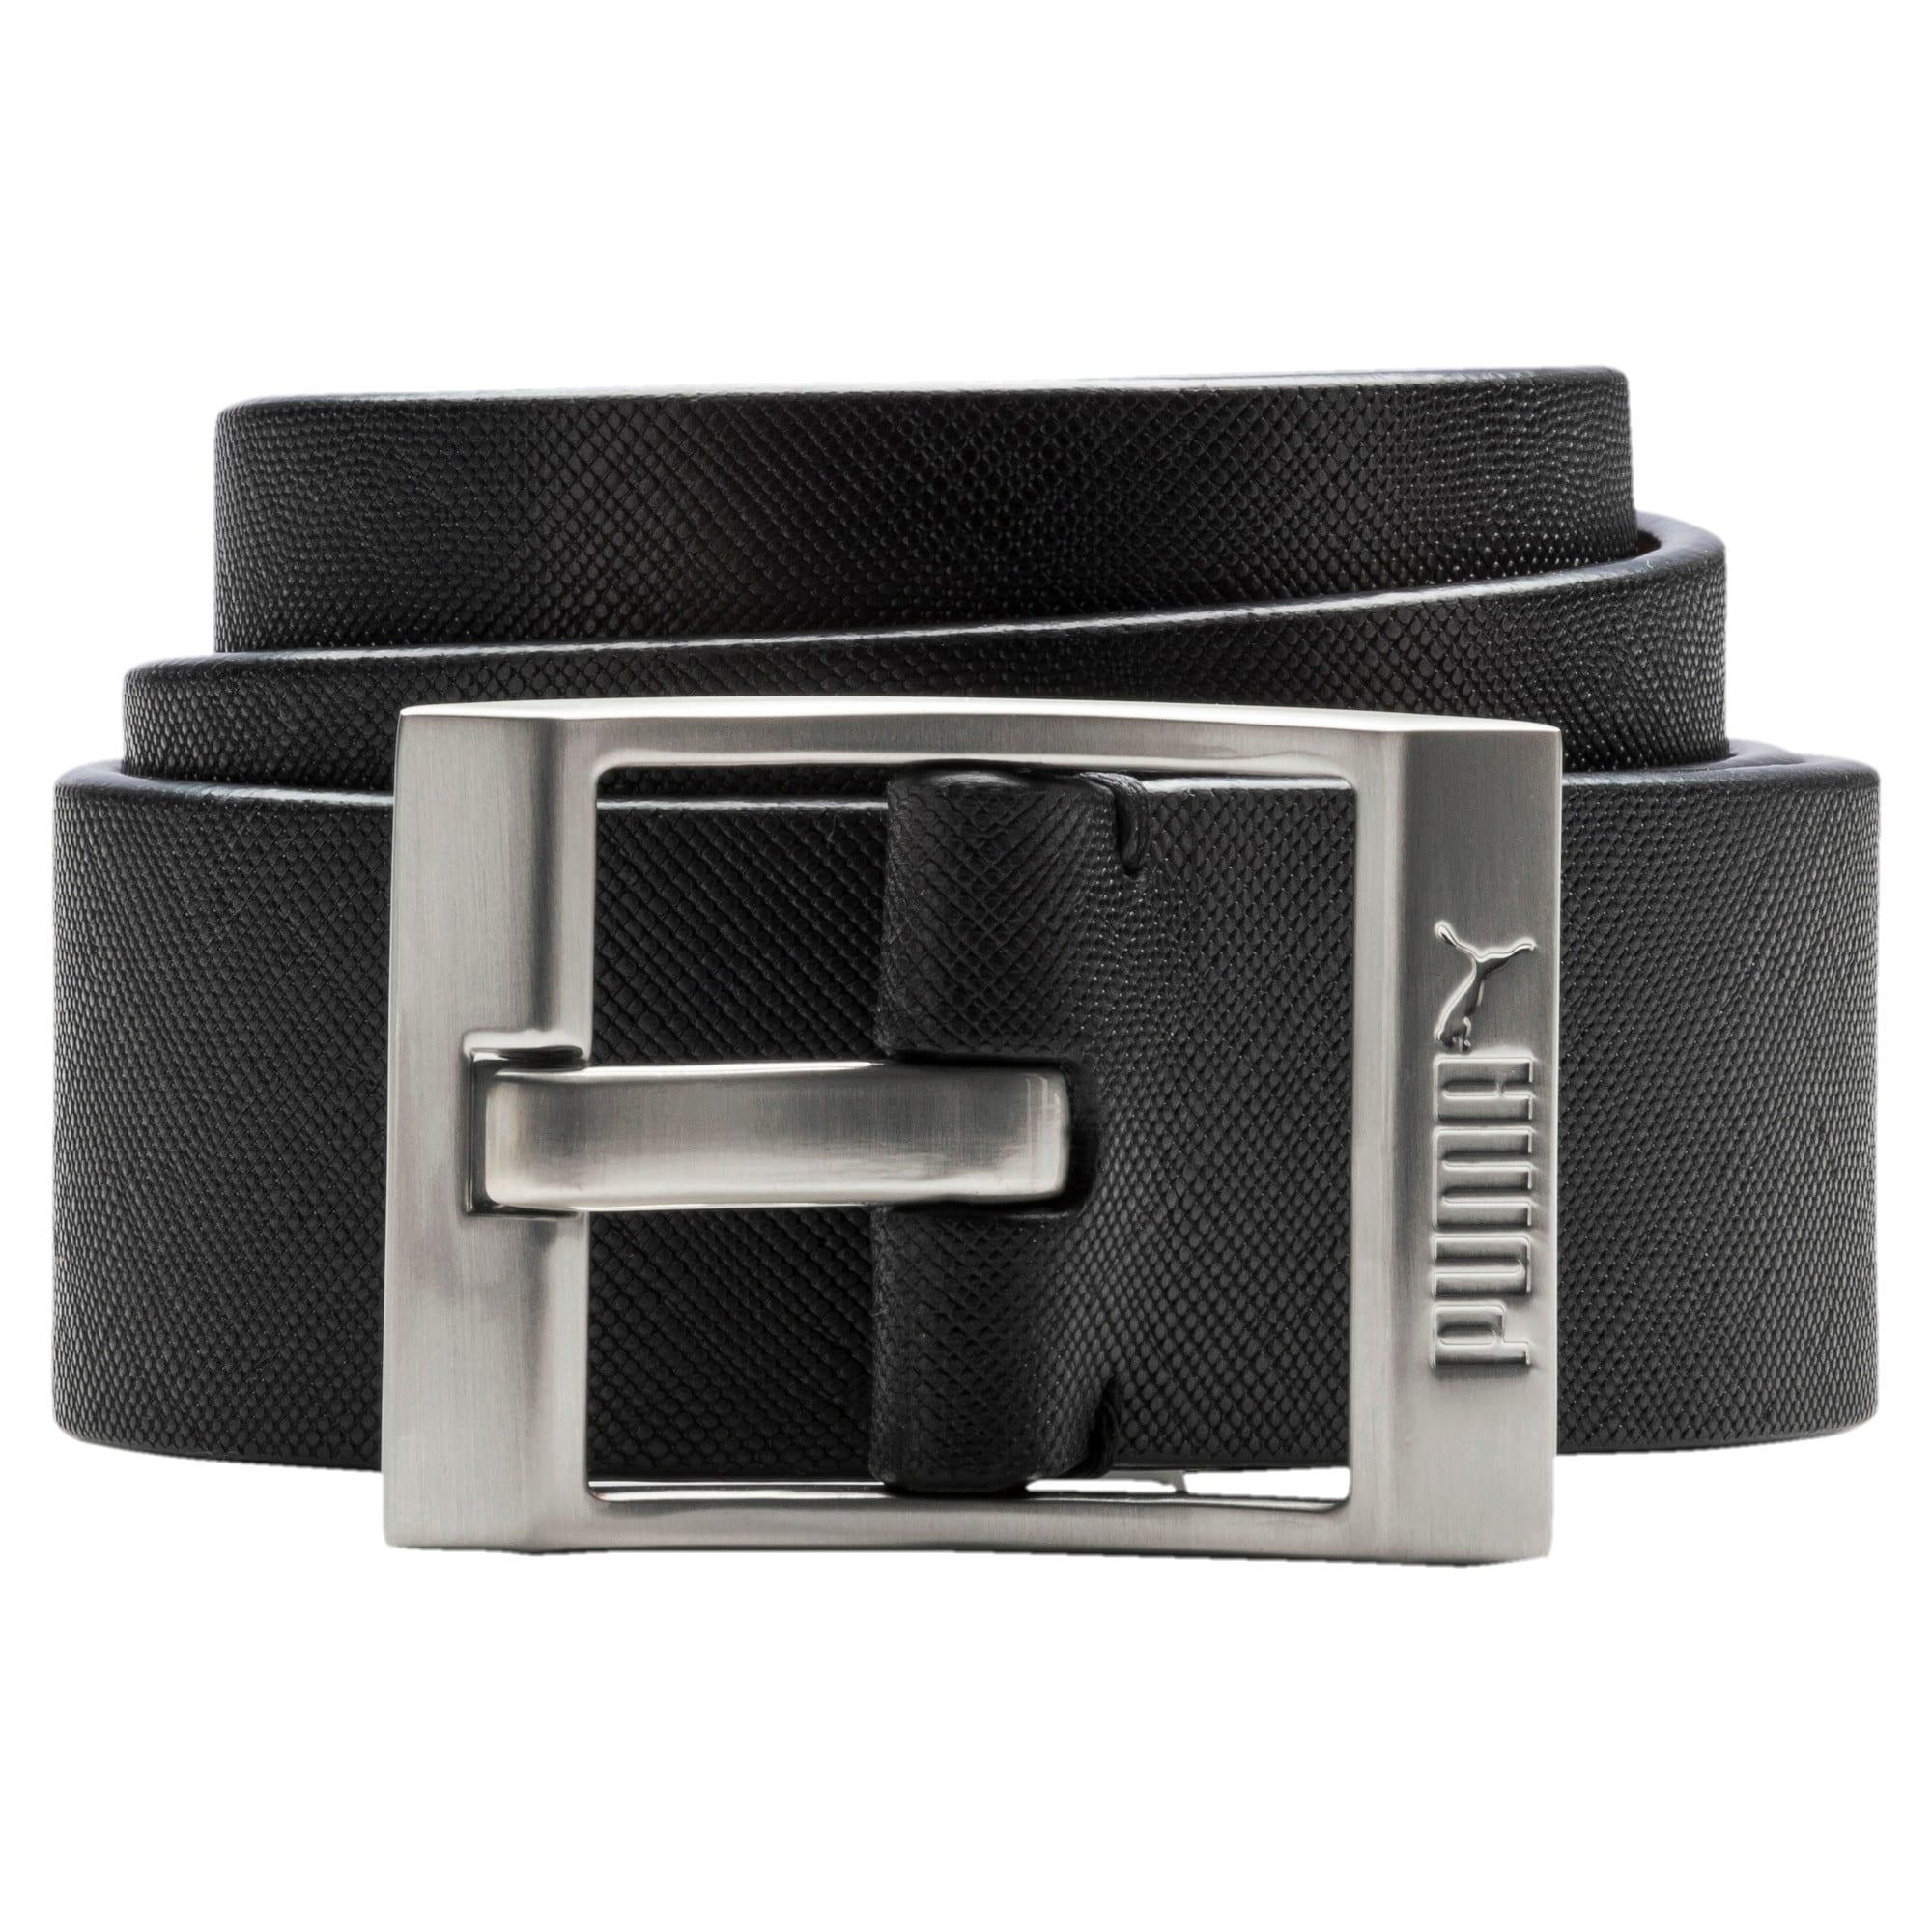 Thumbnail 1 of PUMA Style Leather Belt, Puma Black, medium-IND